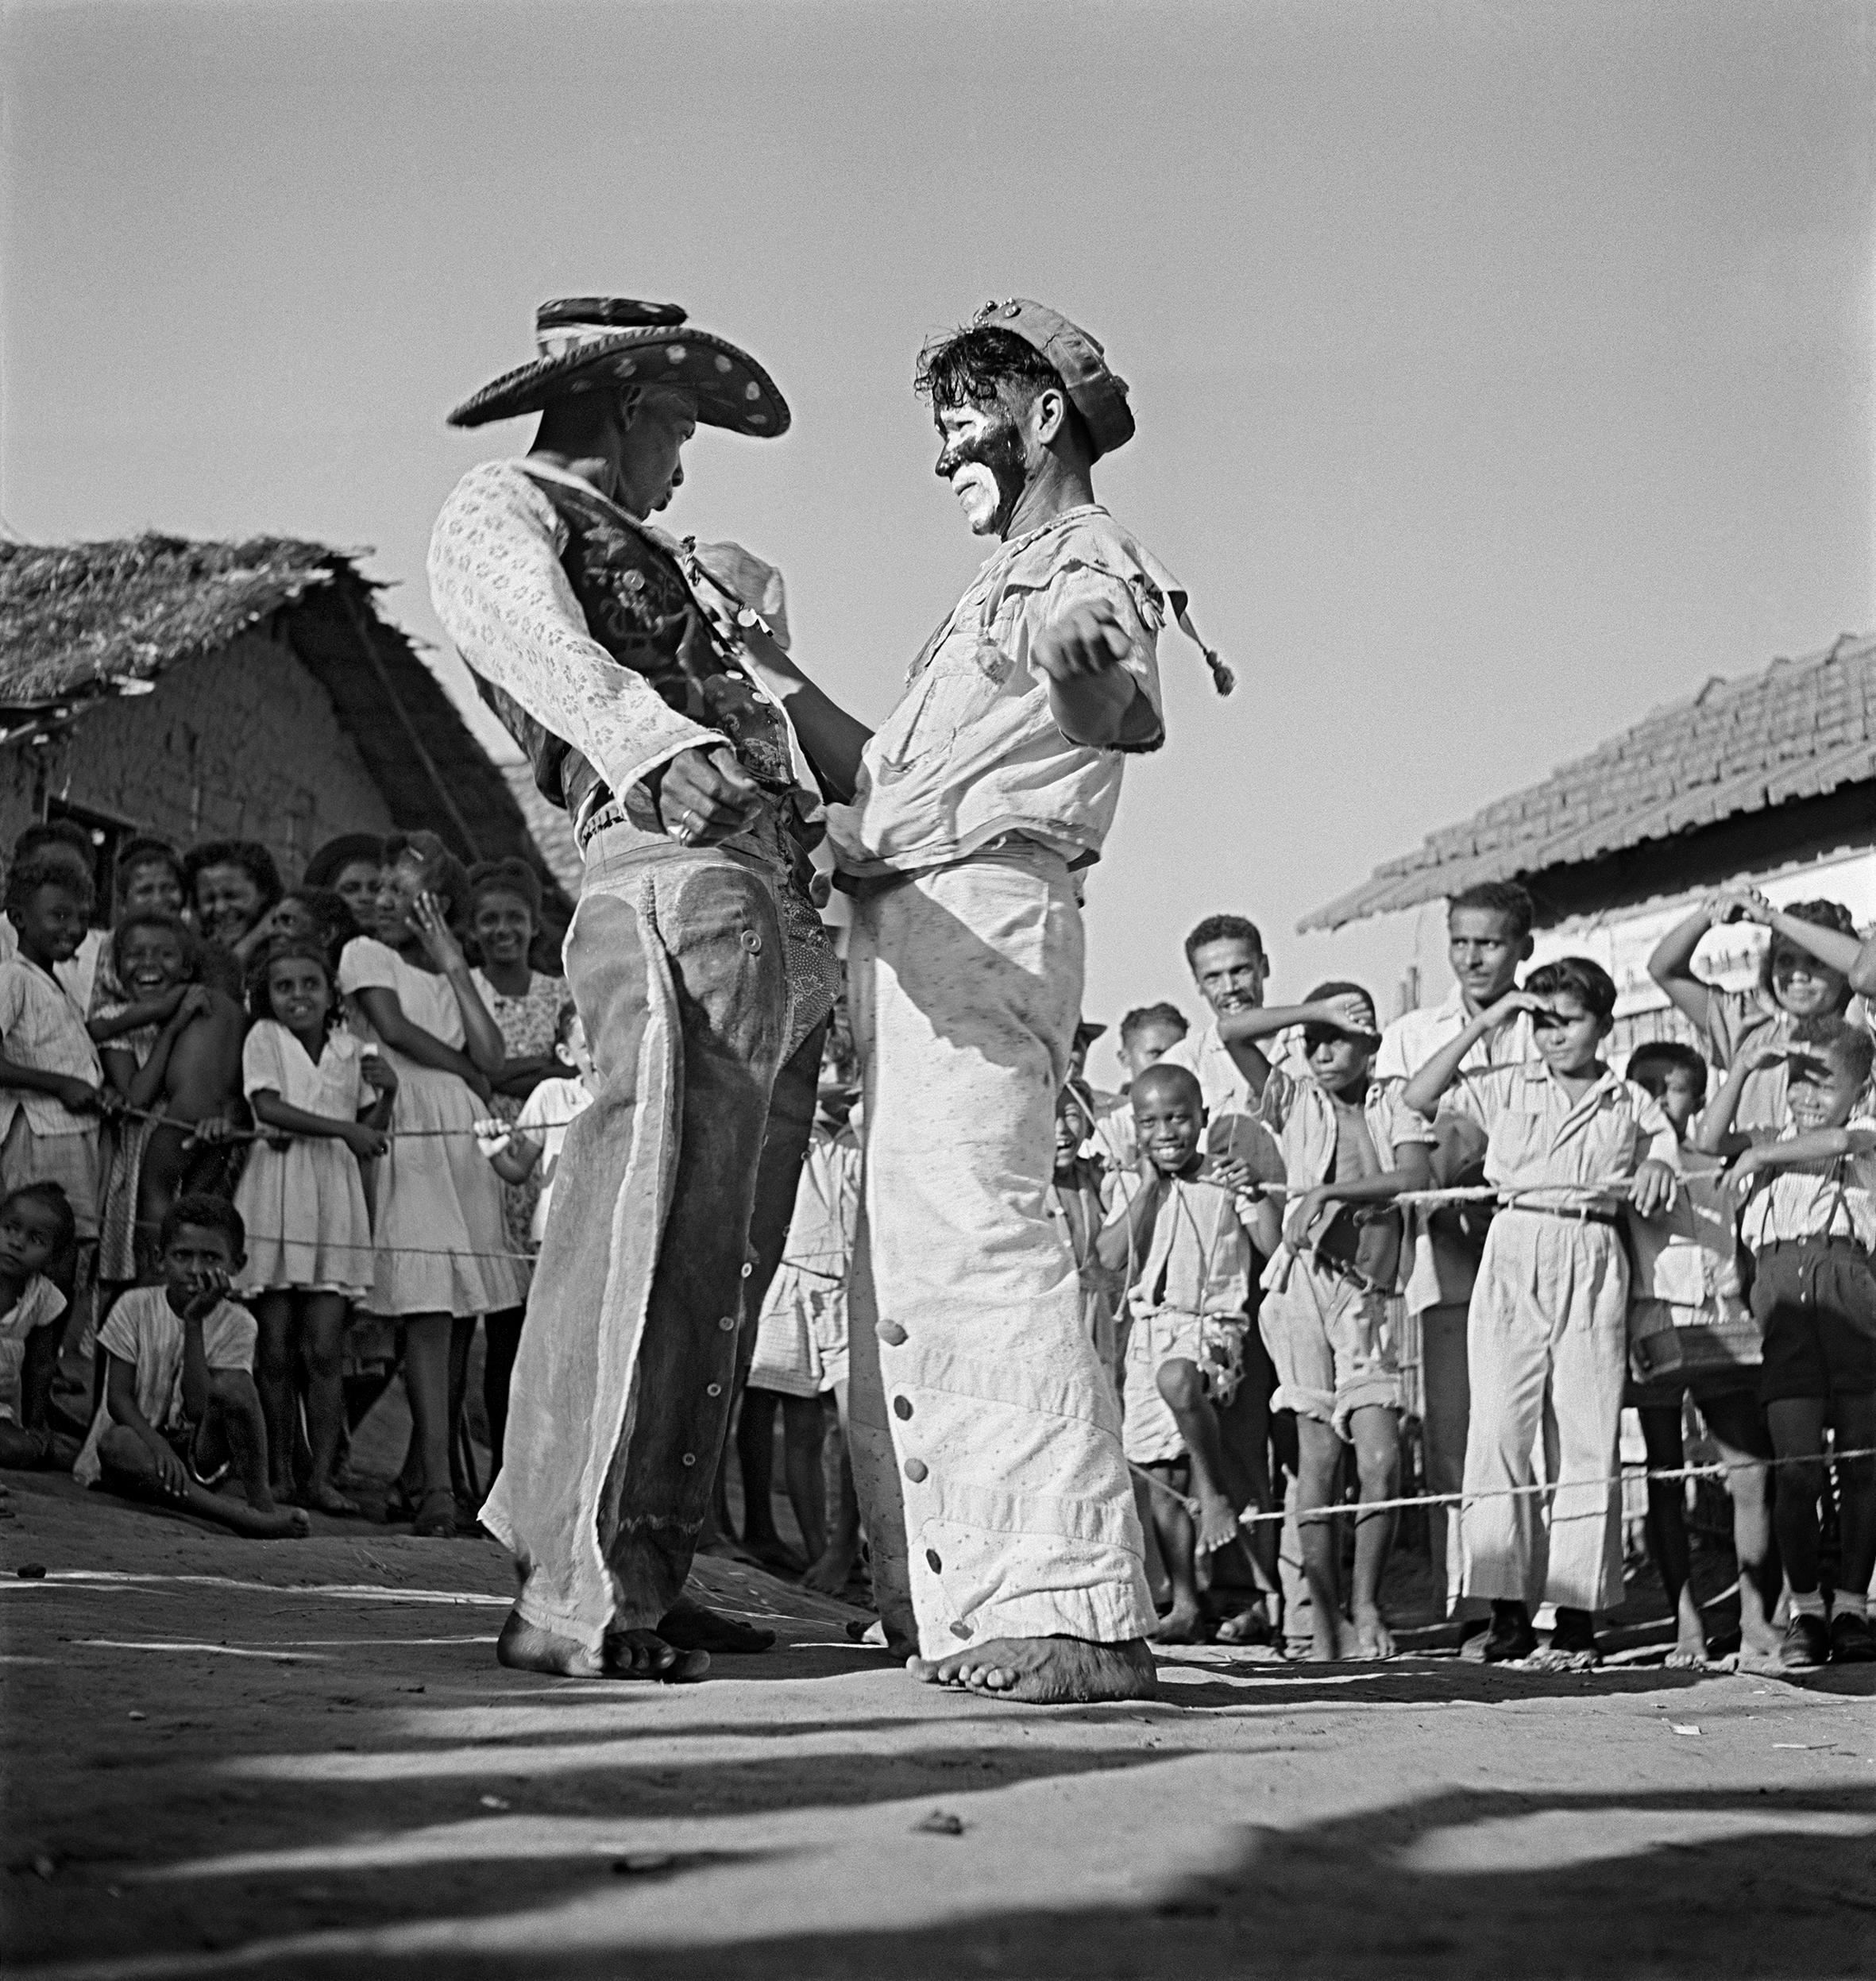 Pierre Verger, <i>Bumba Meu Boi</i>, Recife, Brasil (1947). Cortesia de Fundação Pierre Verger